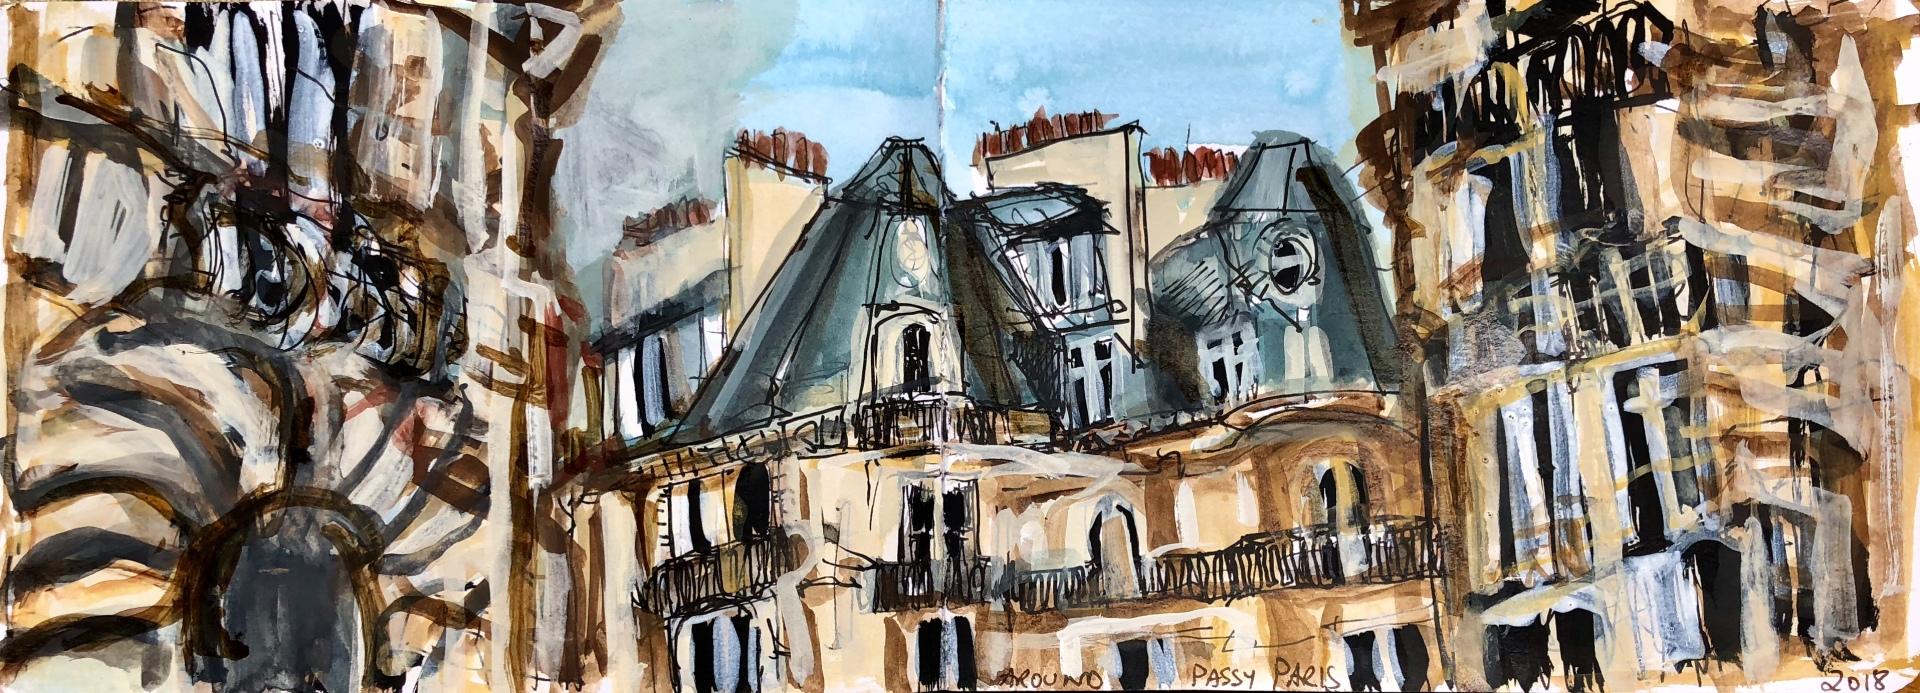 Around Passy Paris